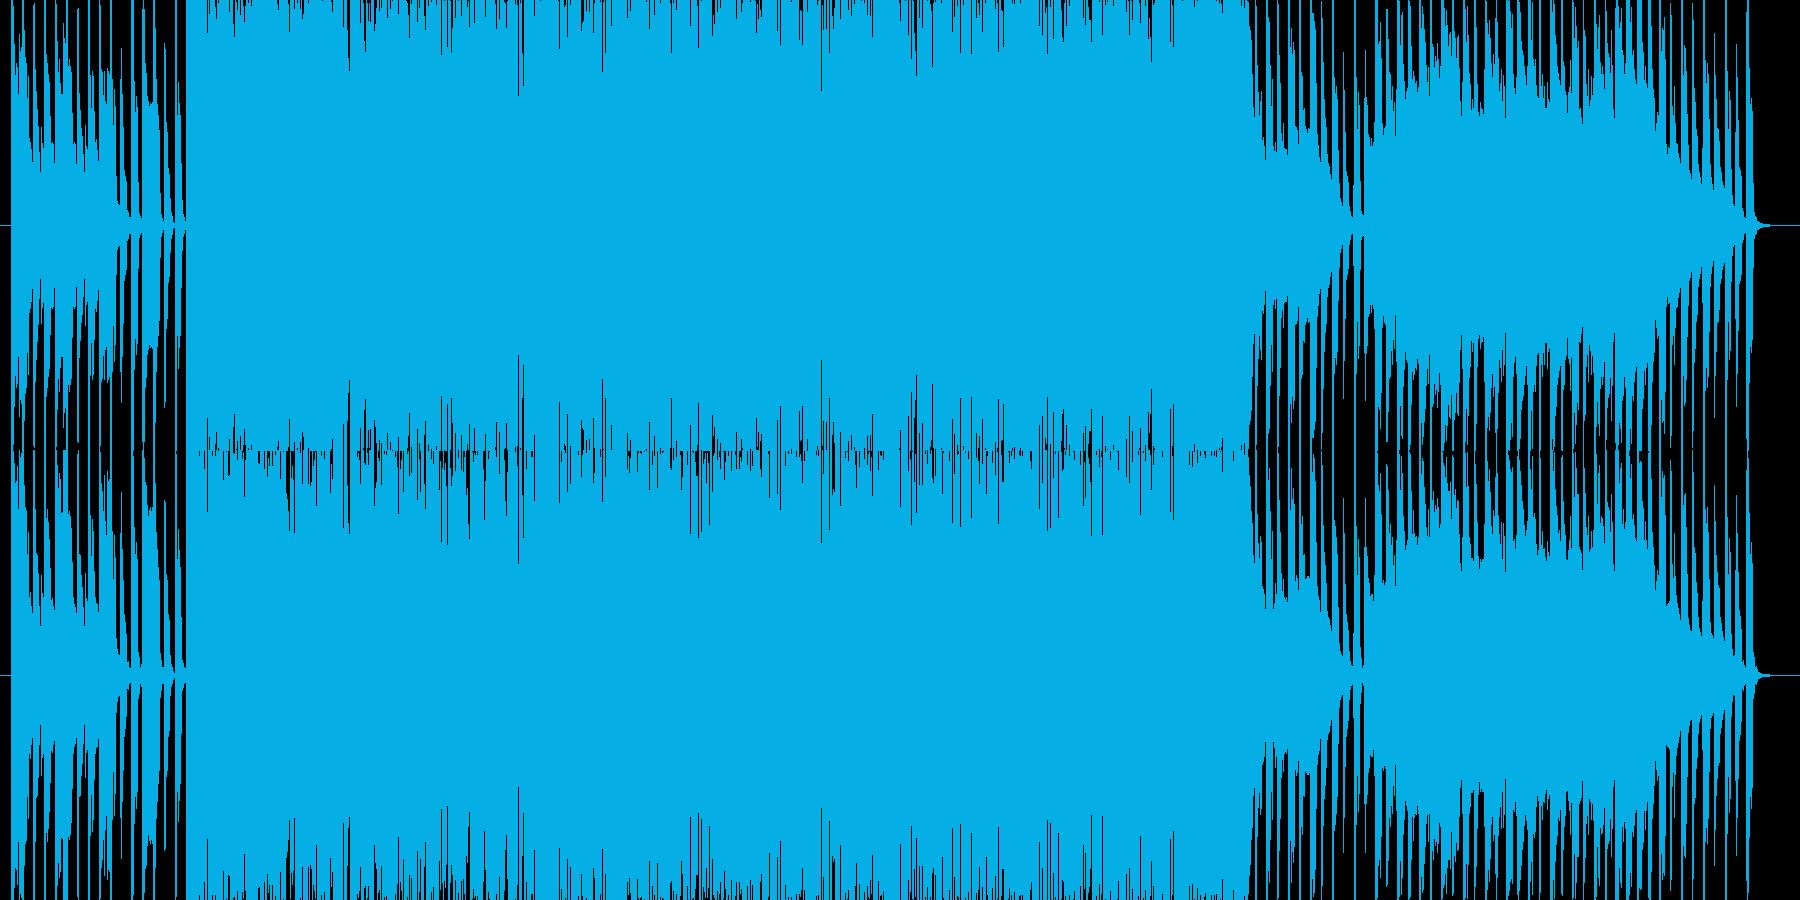 ミニゲーム内で流れているような軽快さを…の再生済みの波形